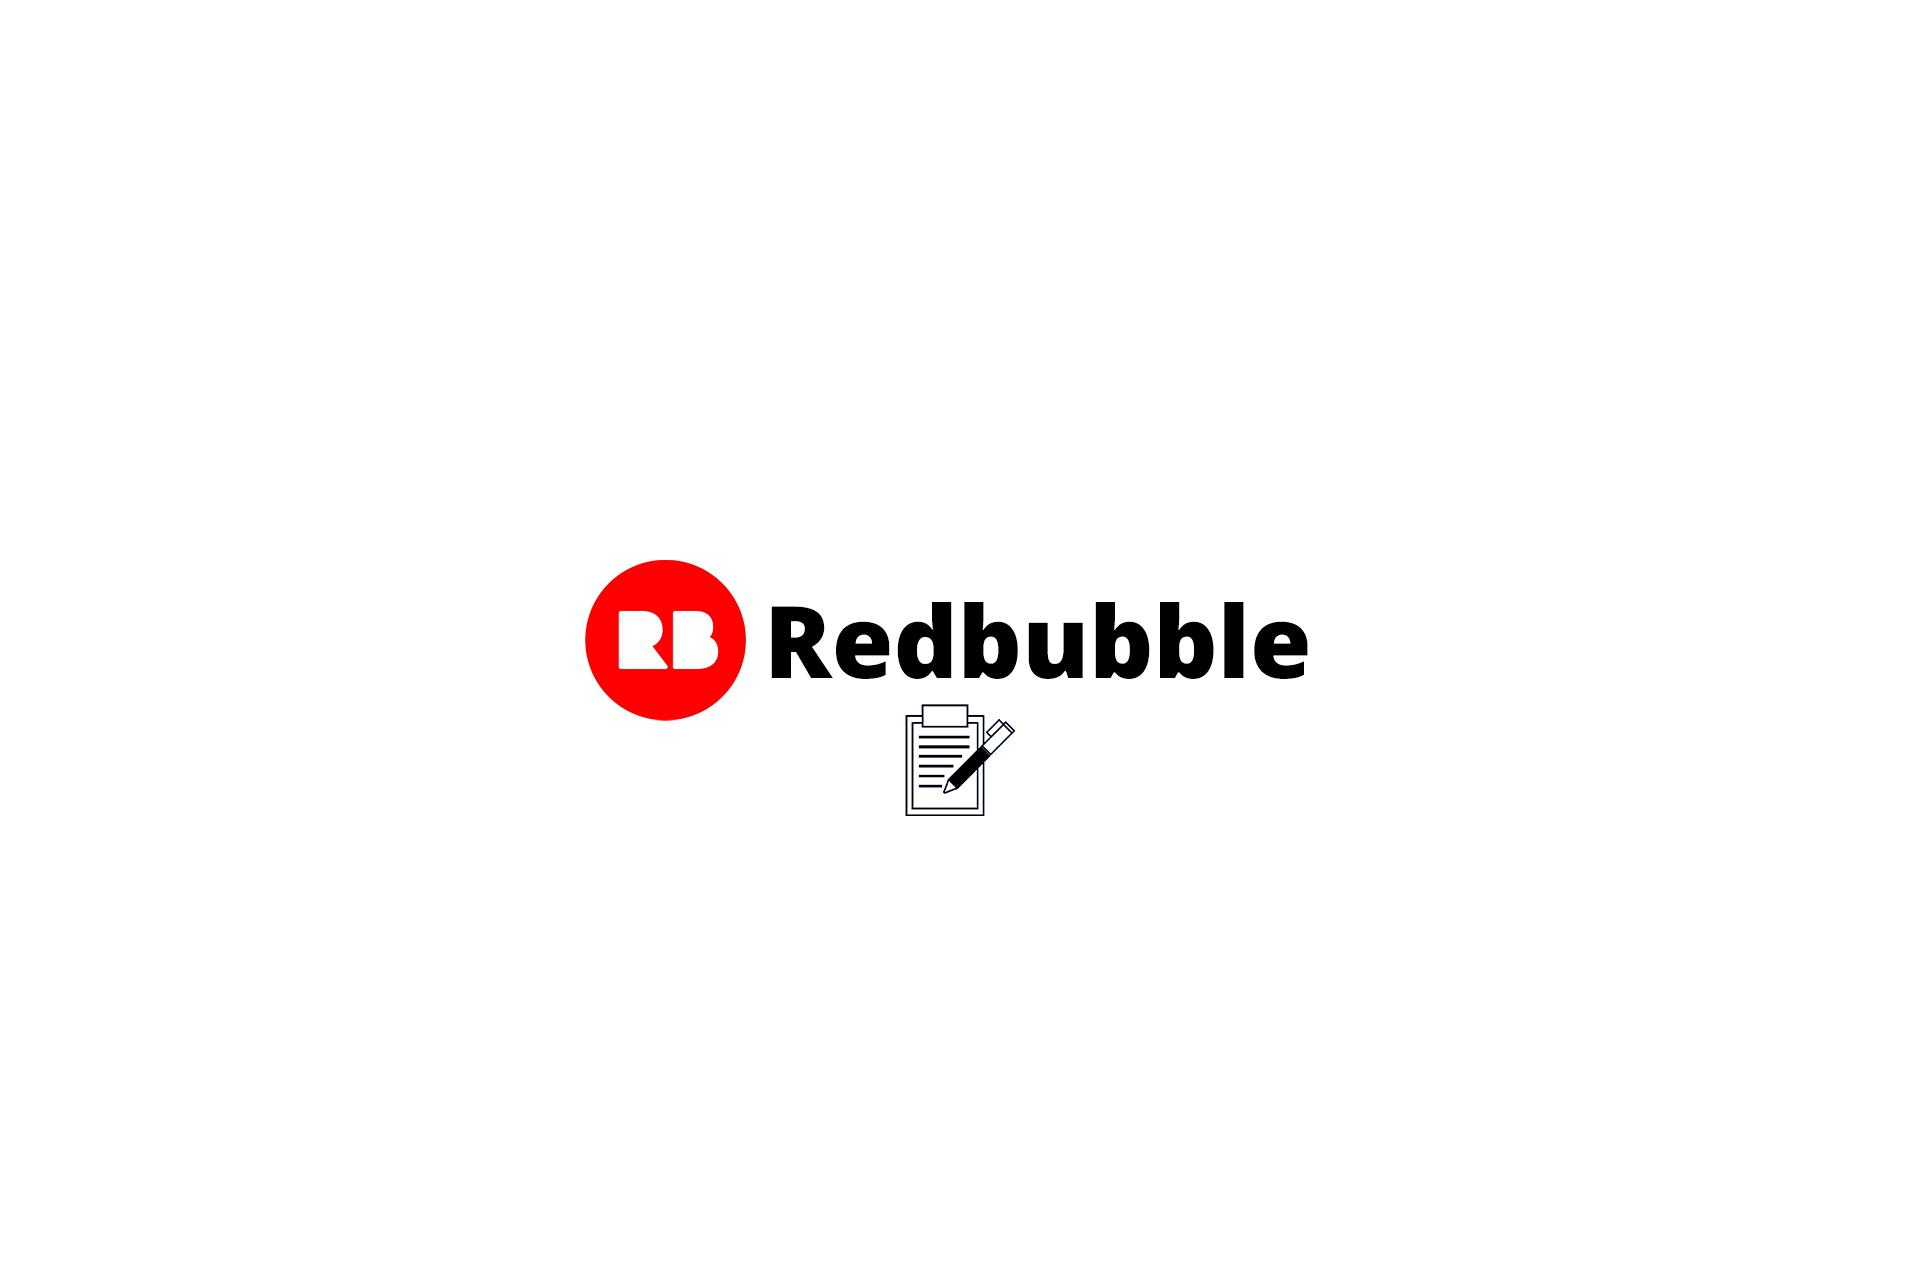 ثبتنام در Redbubble – آموزش قدم به قدم کسب درآمد دلاری از Redbubble